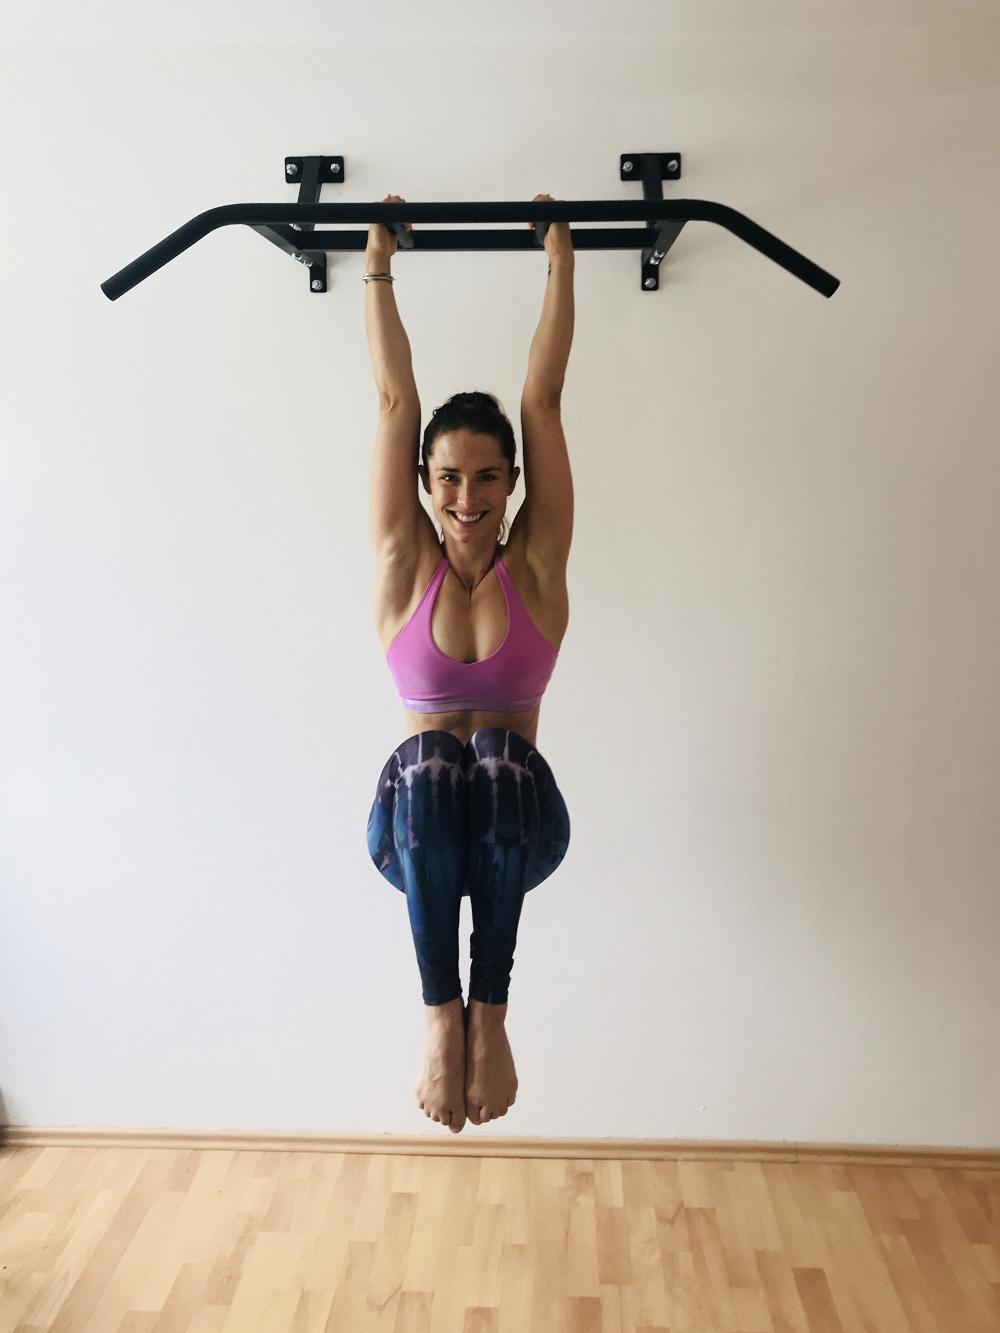 Straight Hanging Crunches, SportScheck, Yoga, Klimmzug